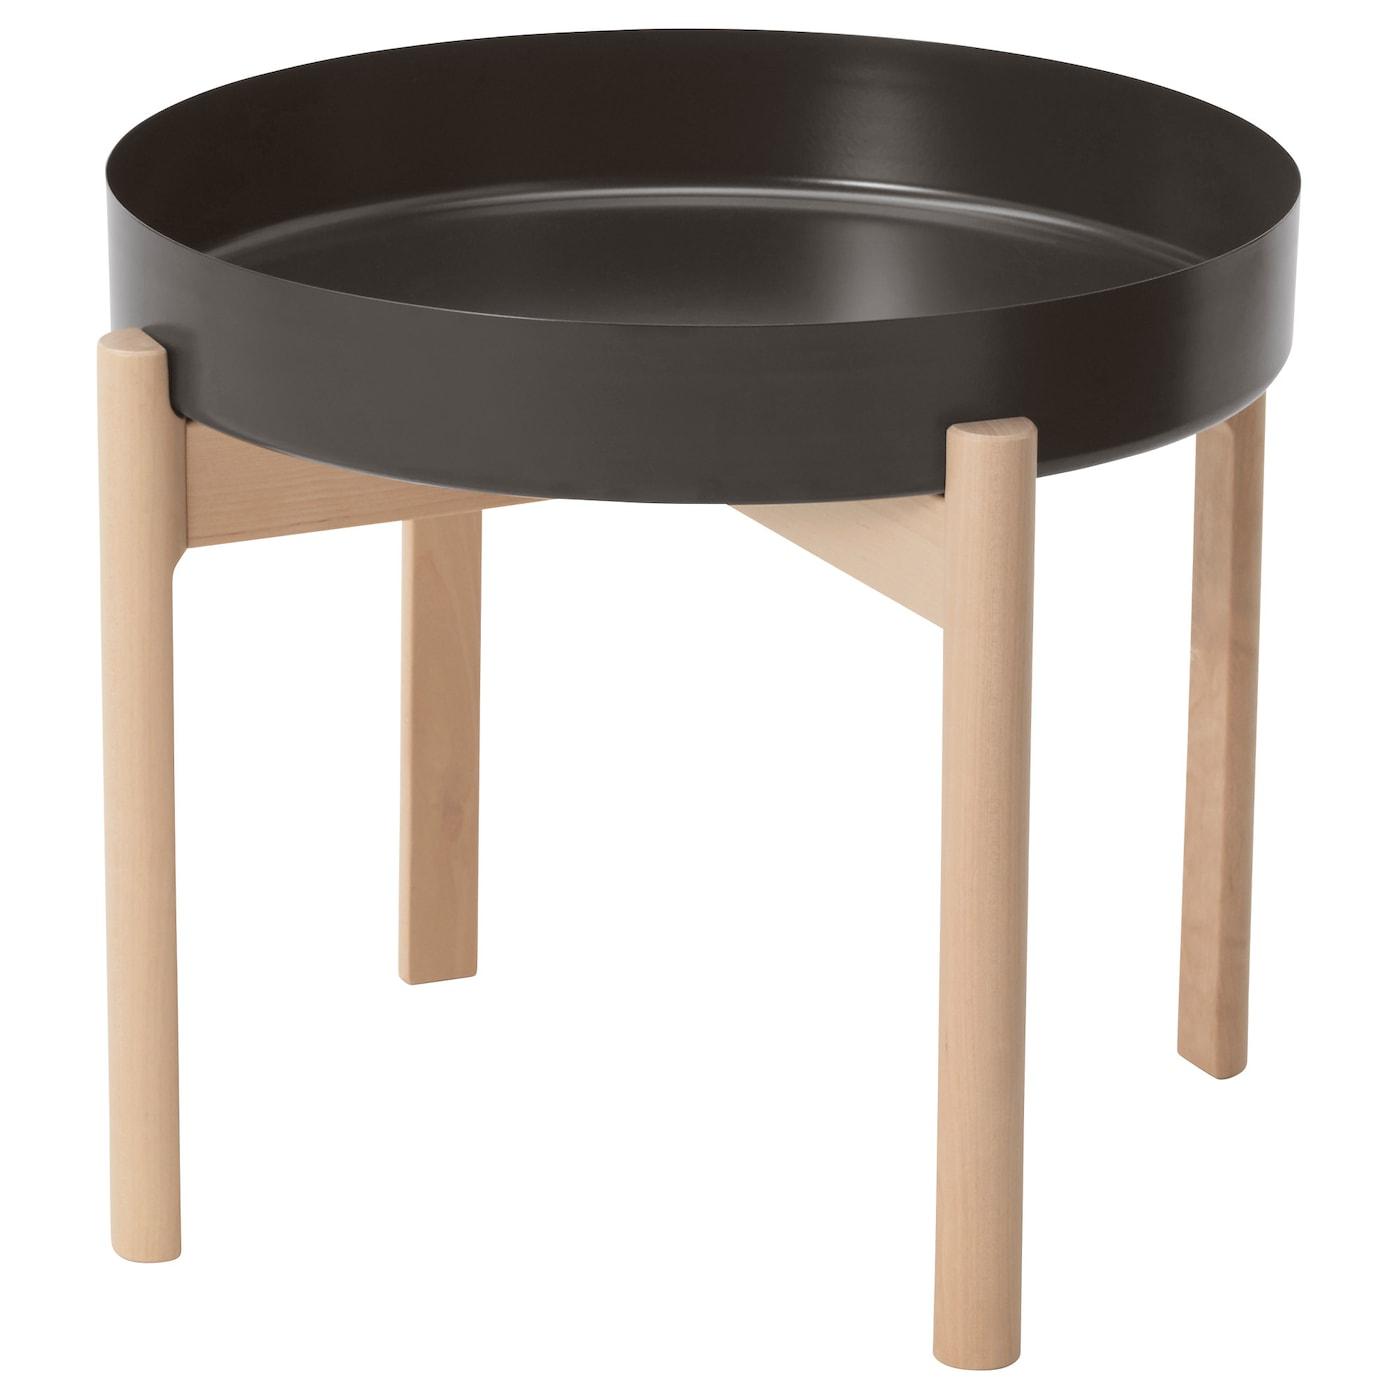 IKEA YPPERLIG brzozowy stolik z ciemnoszarym, okrągłym blatem, średnica 50 cm